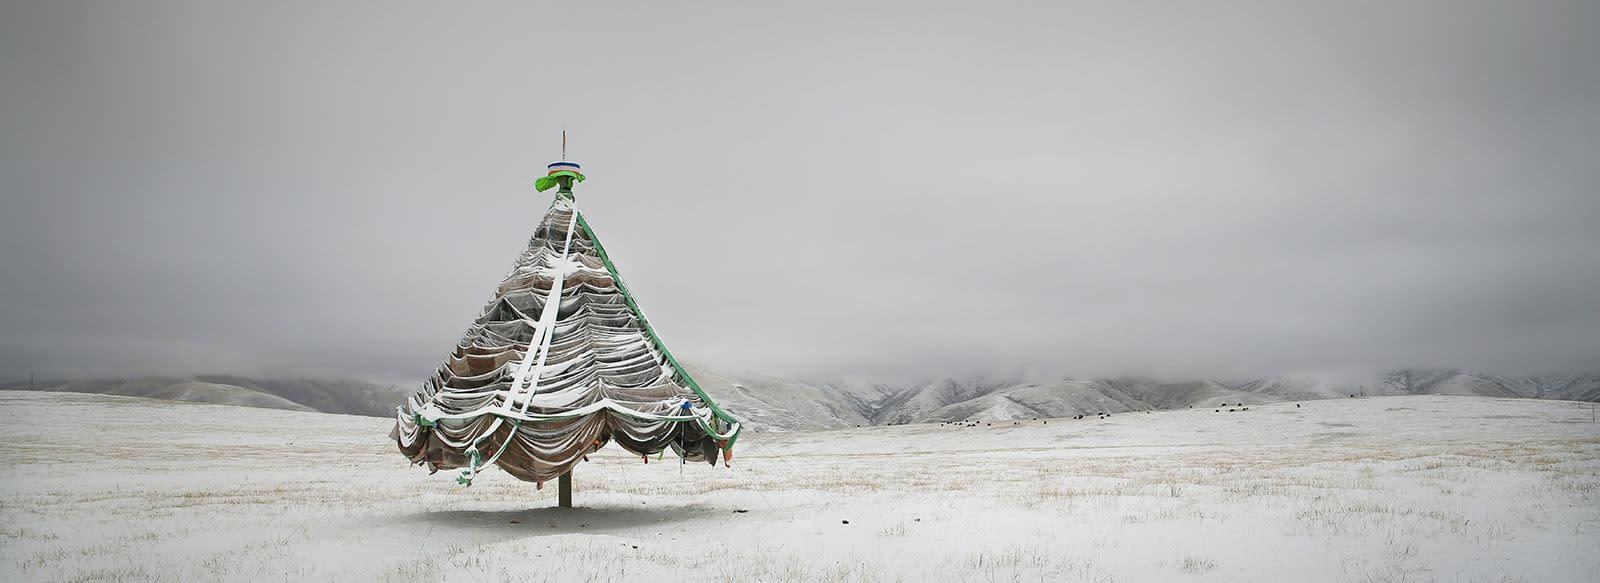 Matjaž Krivic, gatze, tibet